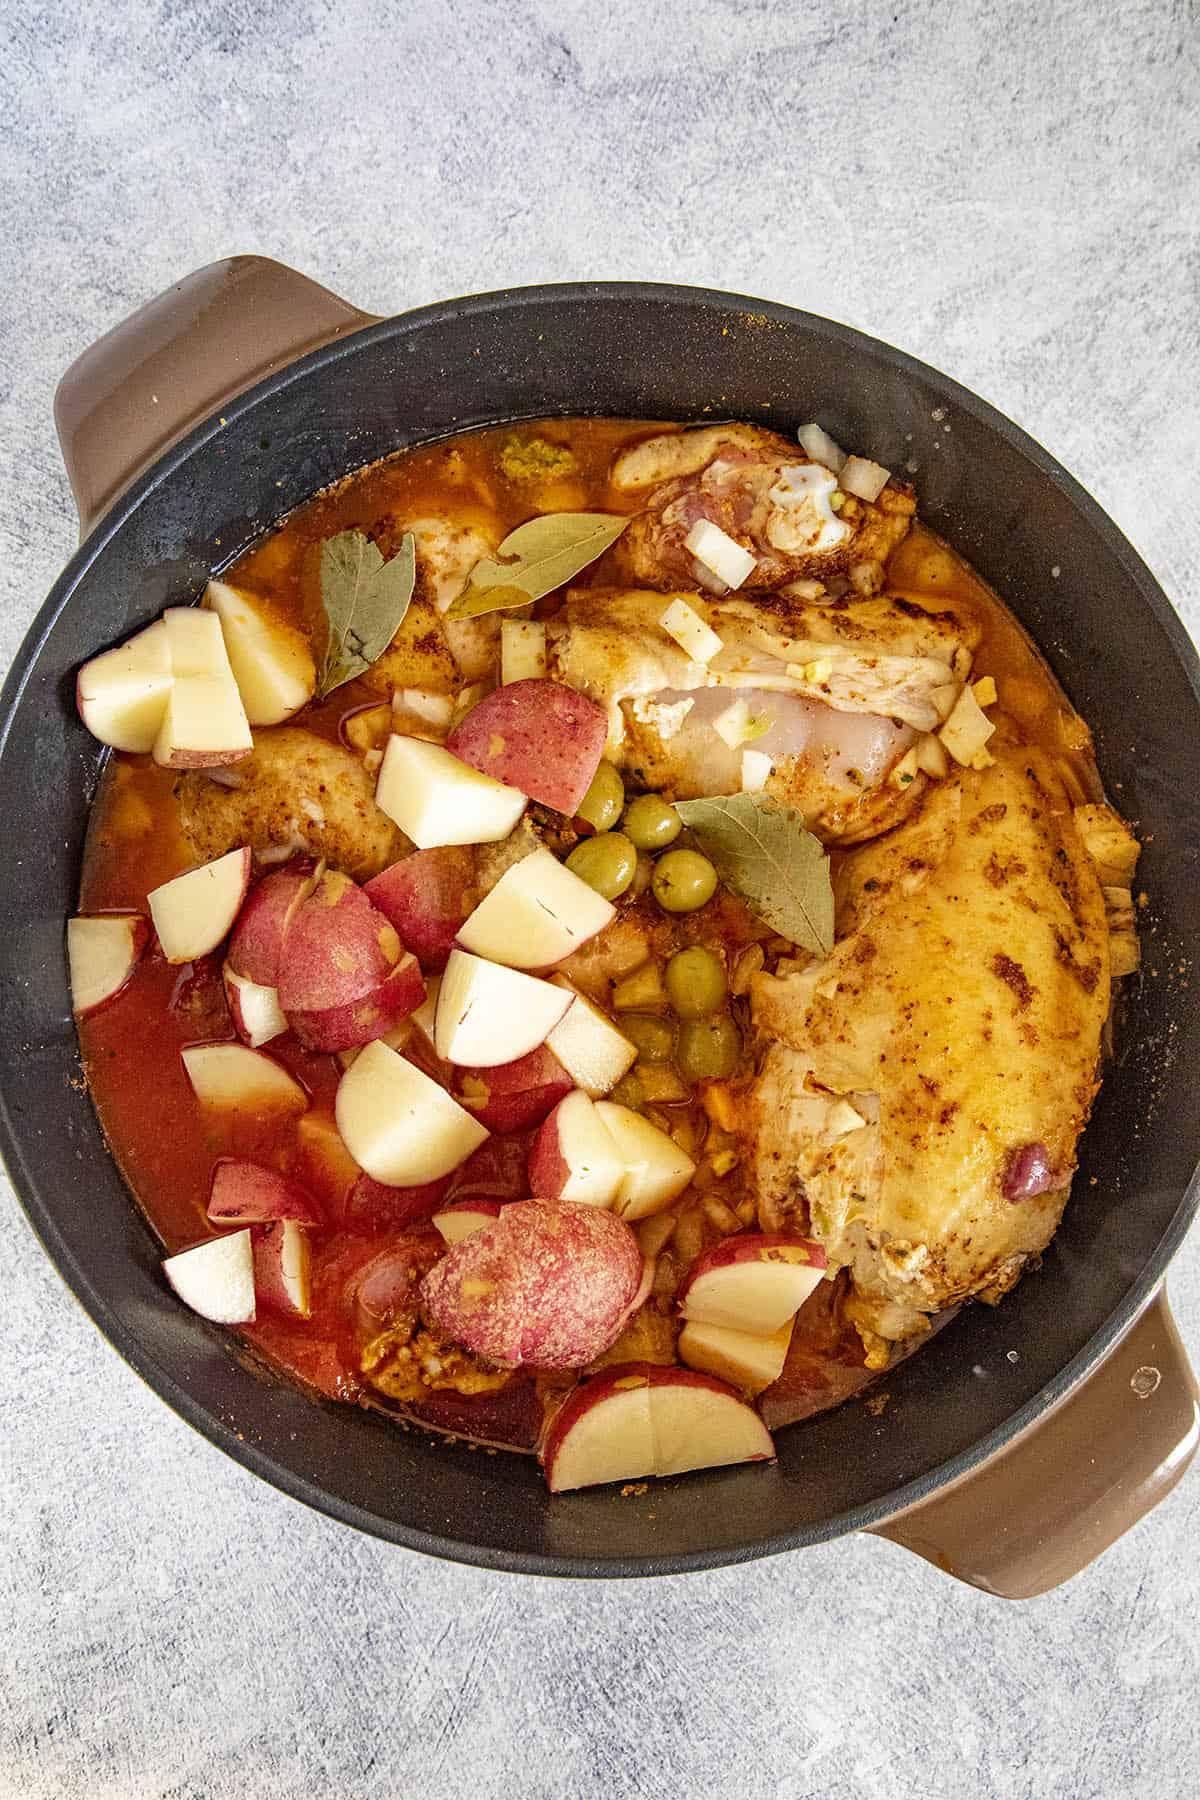 Simmering the pollo guisado in a pot